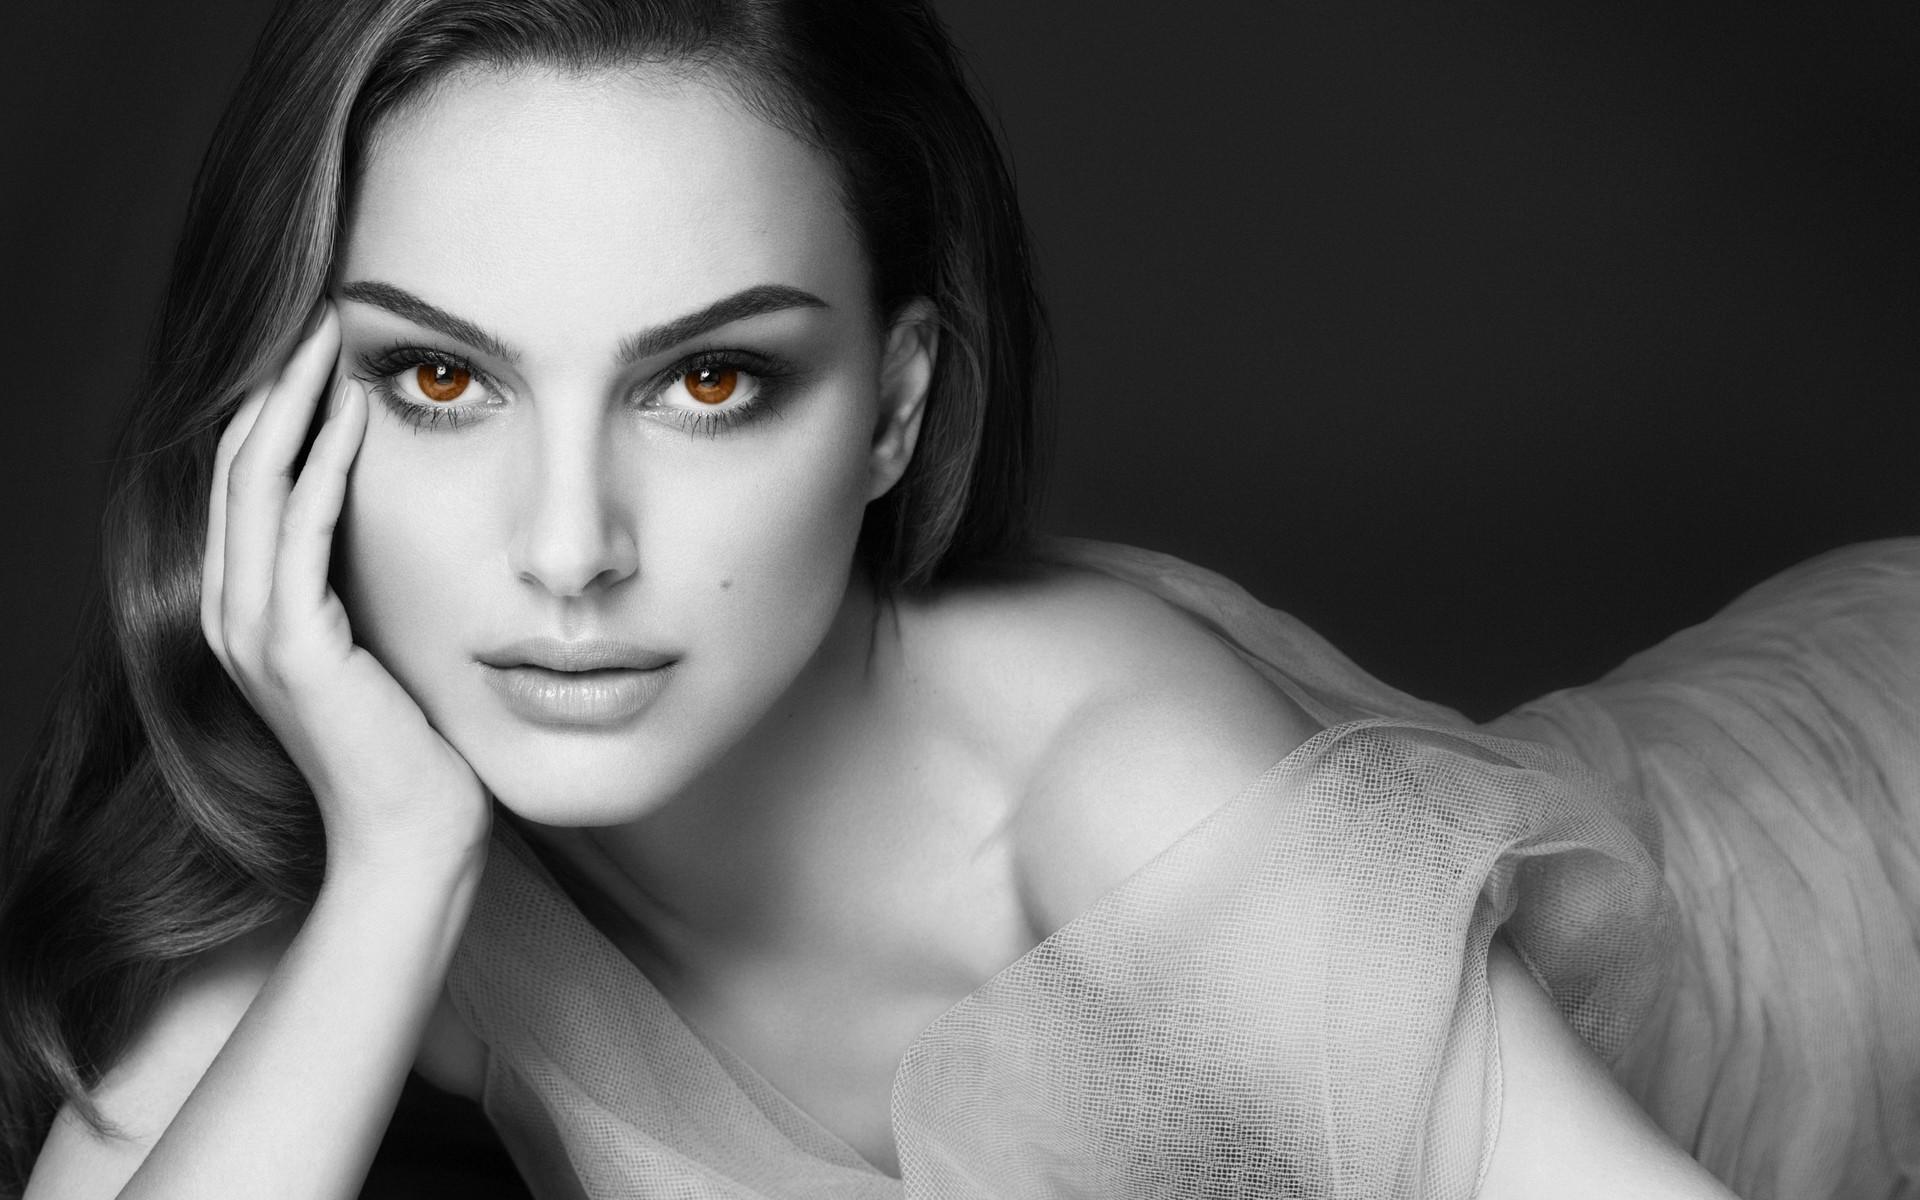 Натали Портман Красивые Фото